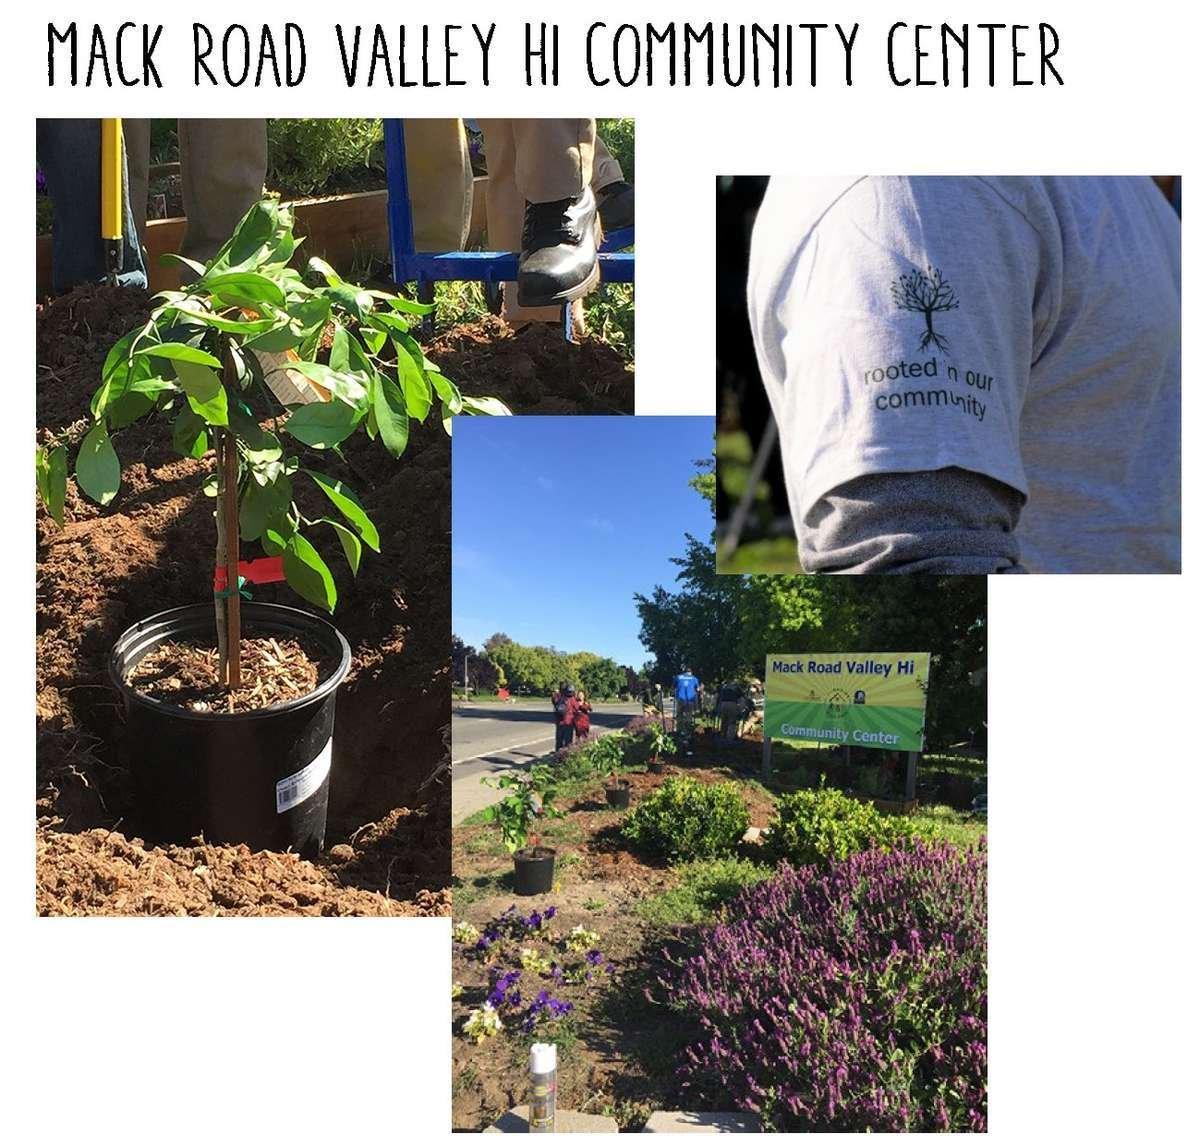 Planting landscape at Mack Road Valley Hi Community Center